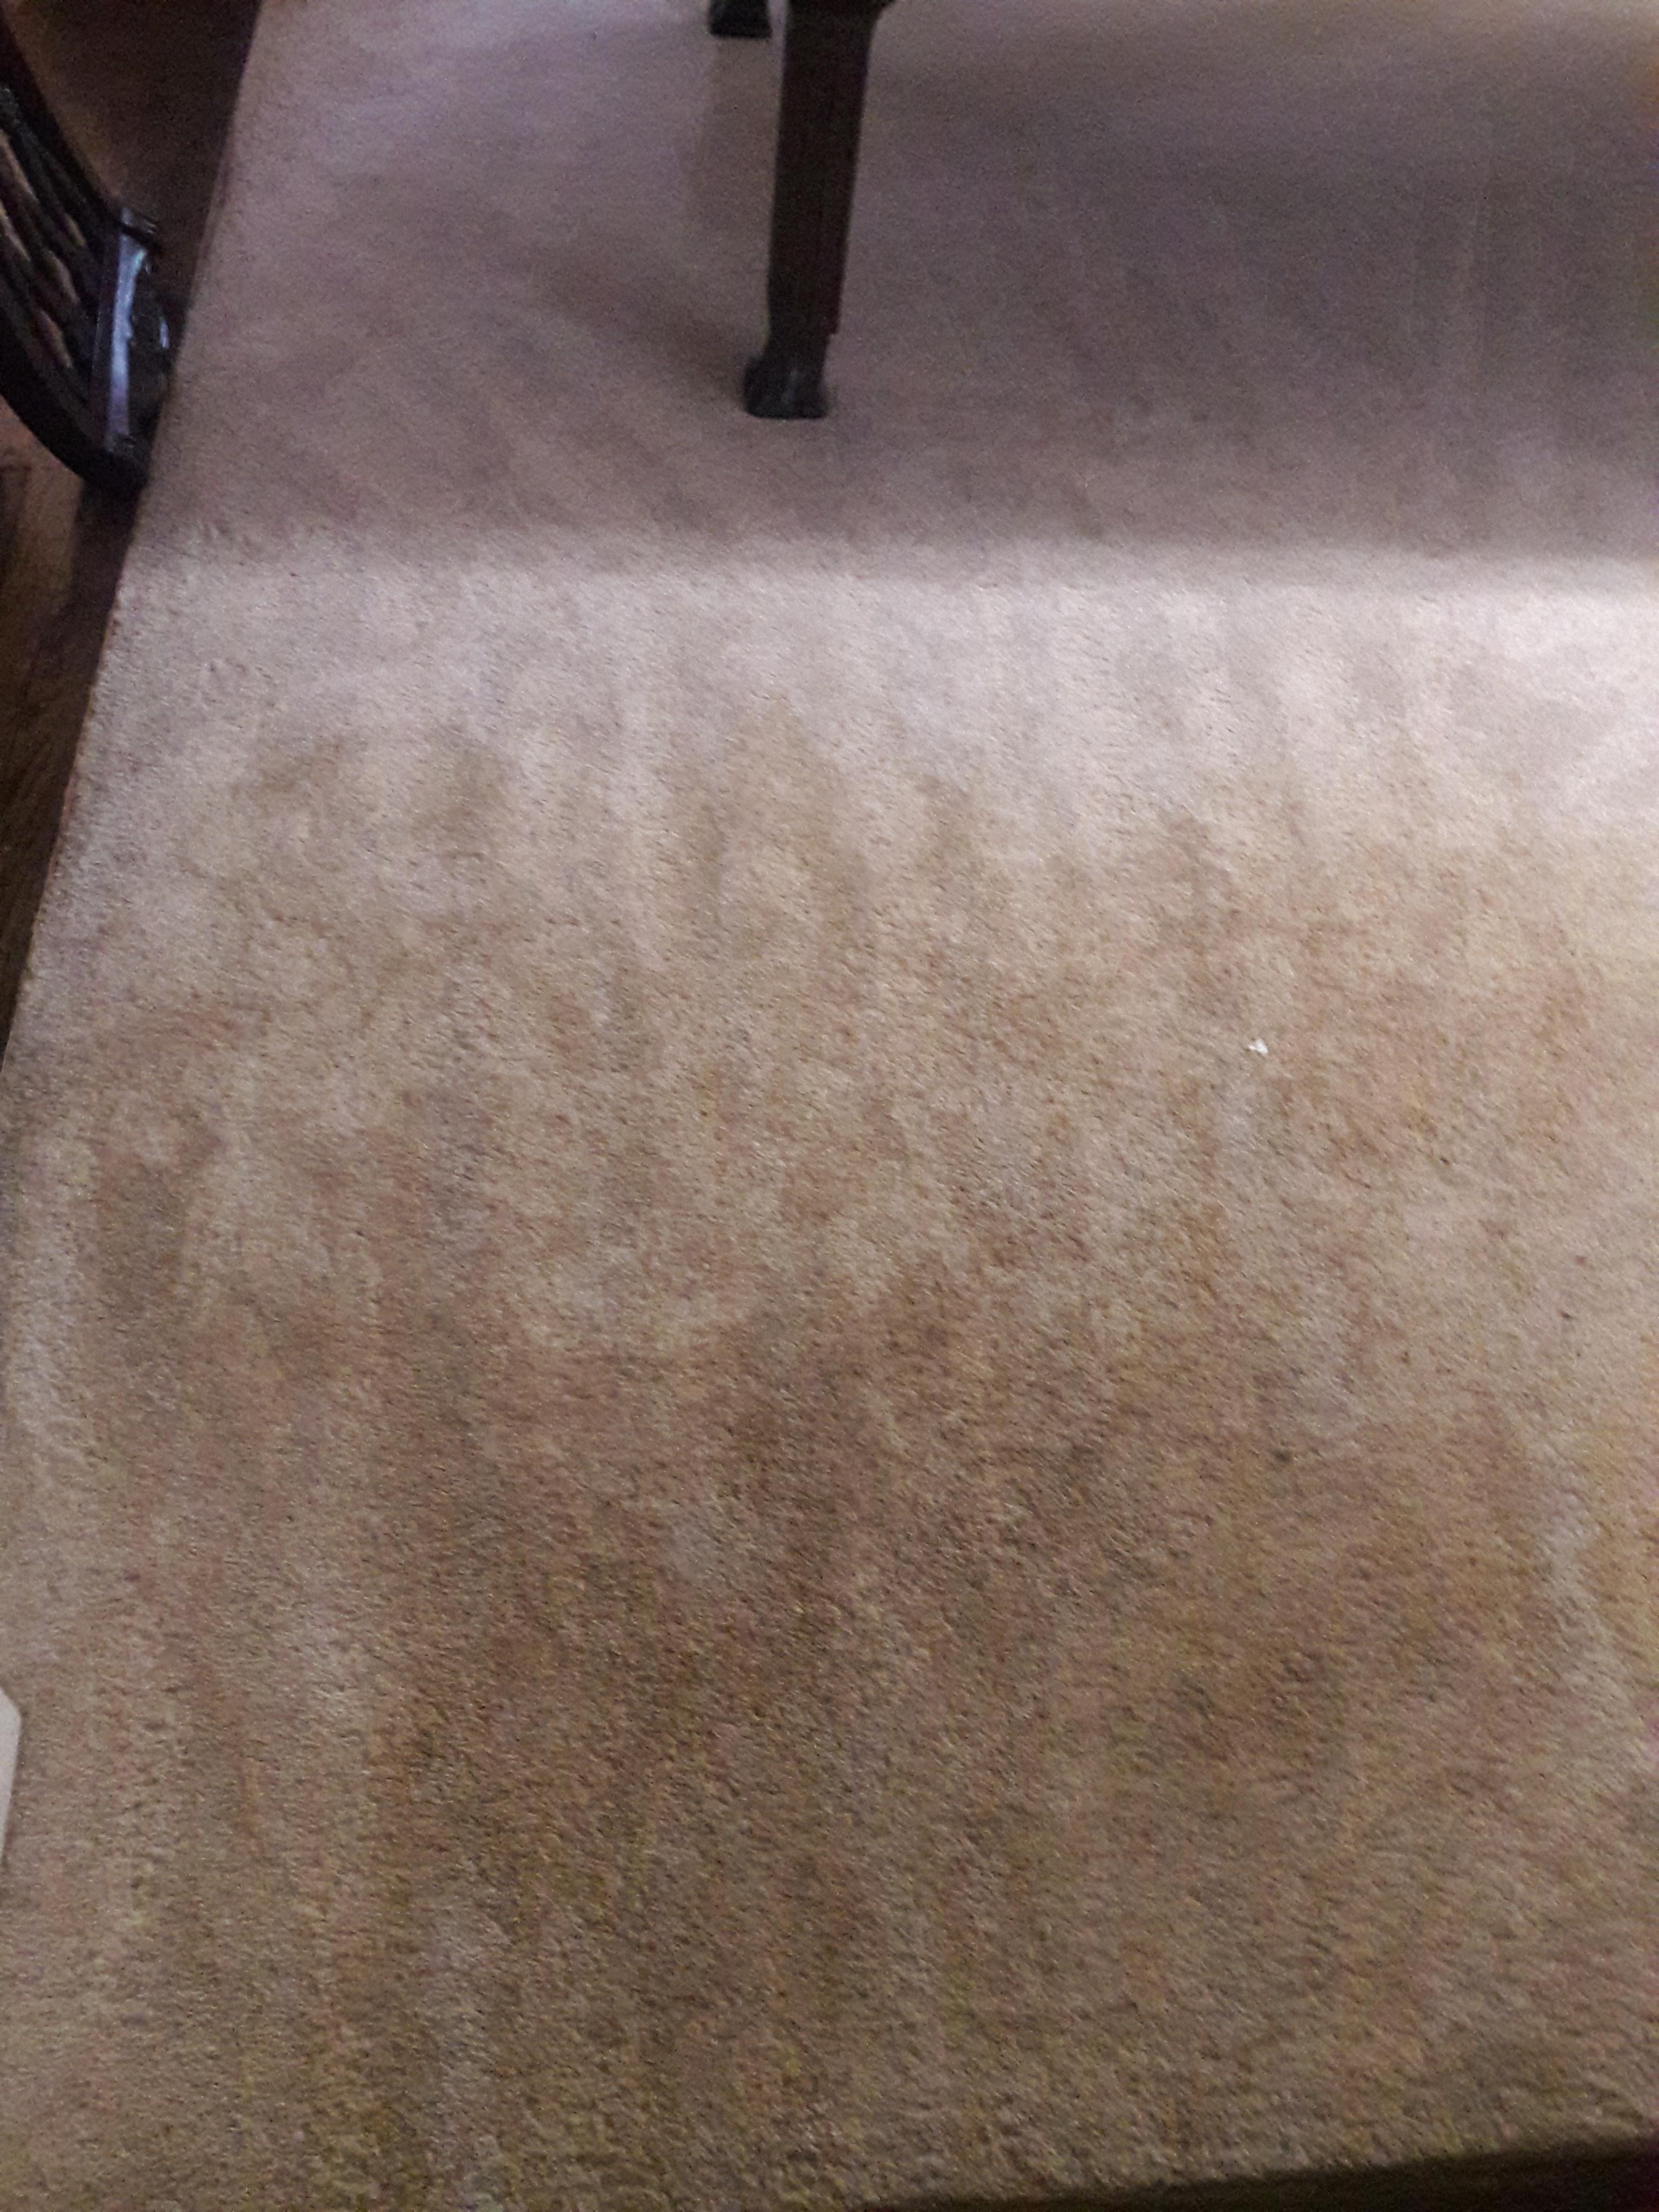 Sears Carpet Cleaning Plaints Horrible Service Carpet